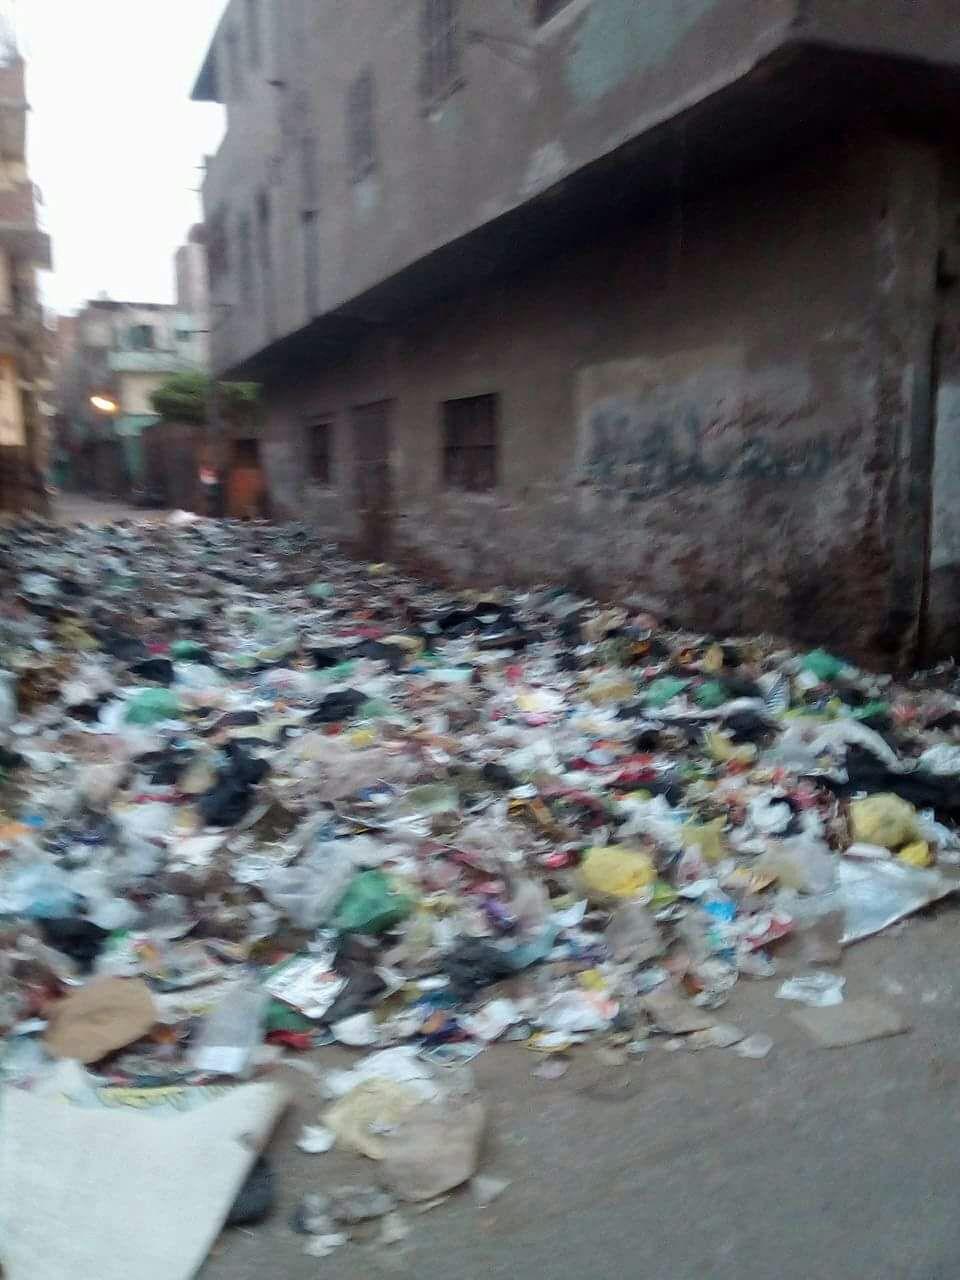 القمامة بجوار الوحدة الصحية بمنطقة الورش (5)